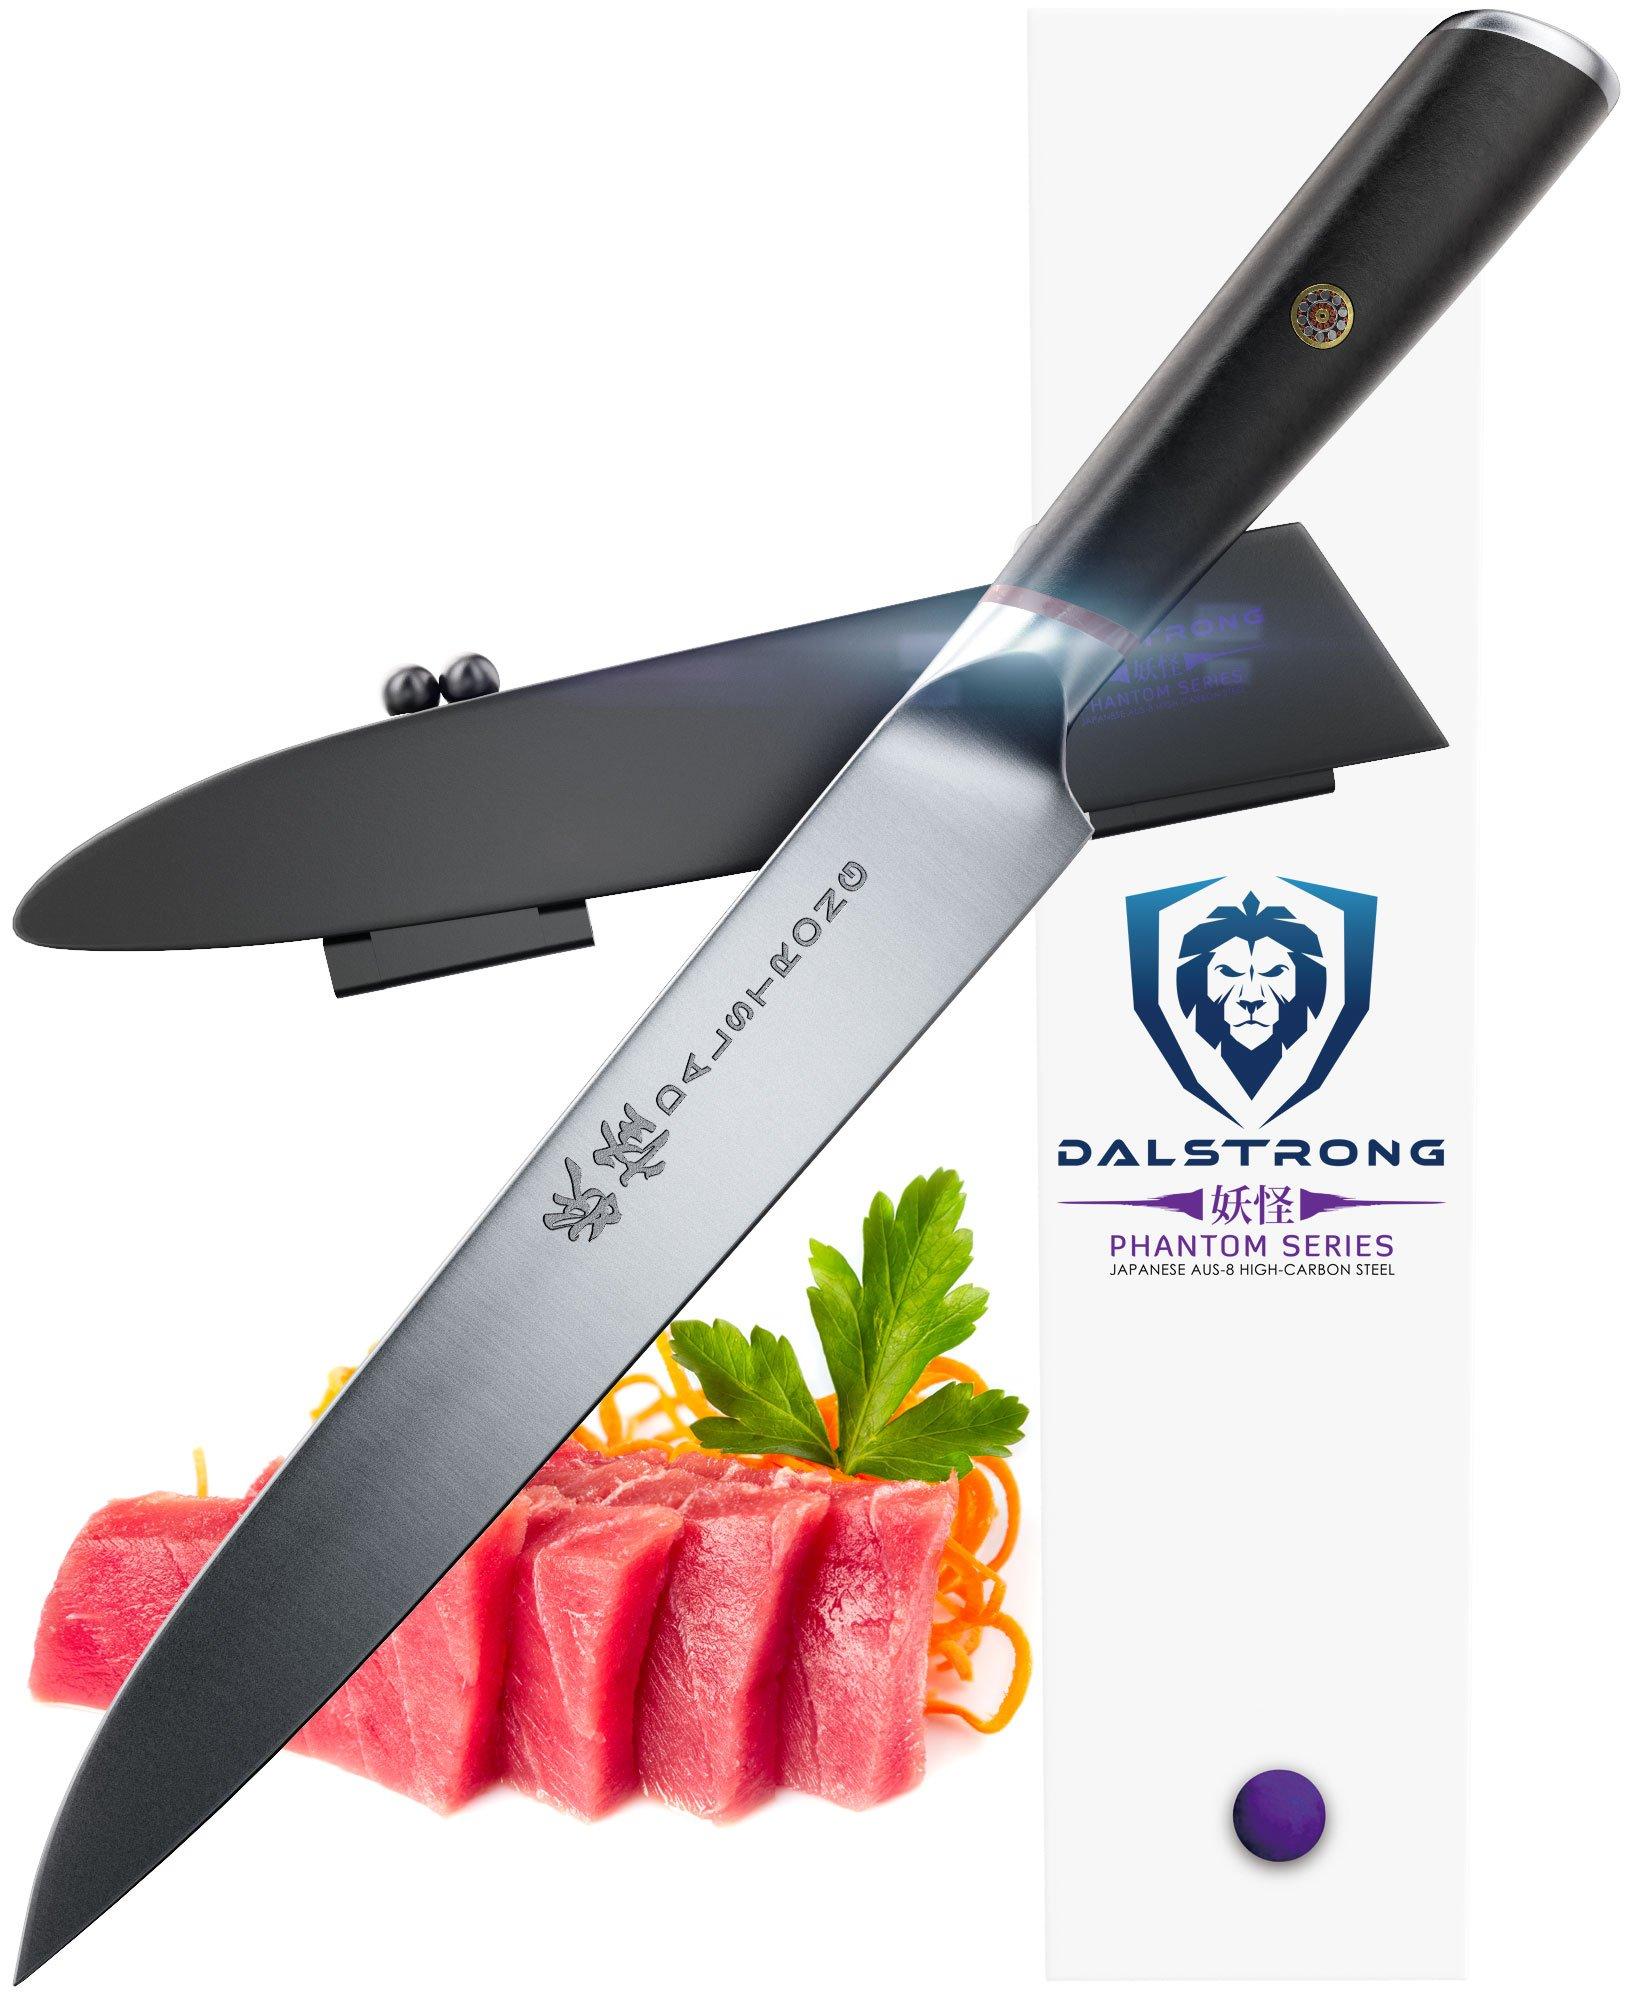 DALSTRONG Yanagiba Sushi Knife - Phantom Series - Japanese AUS 8 Steel - 9'' - Traditional Sashimi Knife - Single Bevel - Sheath